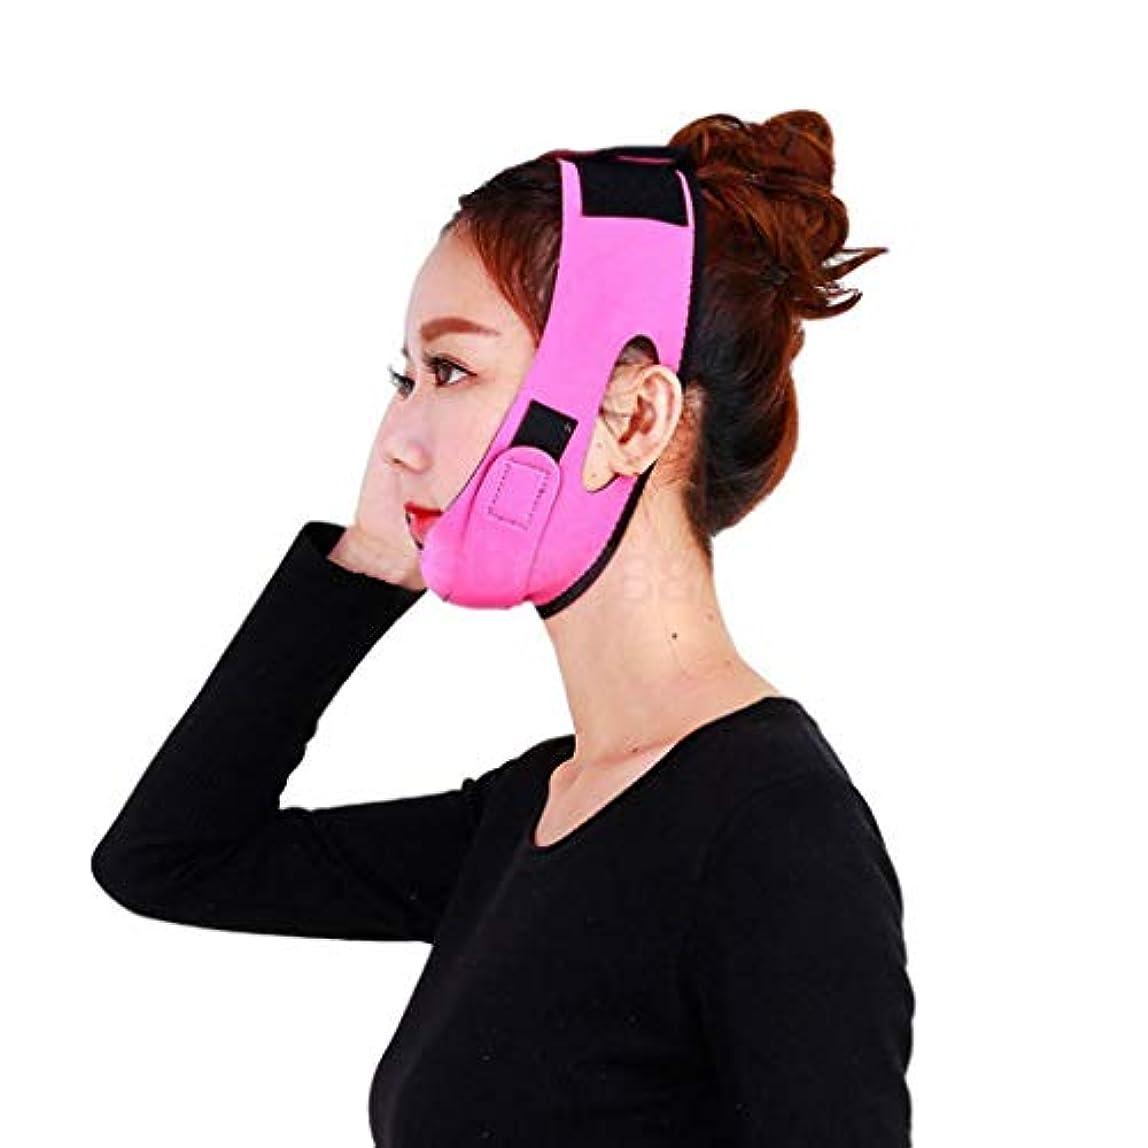 独占ソートルアーFidgetGear マスカーベルトの皮を細くするVフェイスシェイパーはバンドストラップを持ち上げるあごを引き締めます